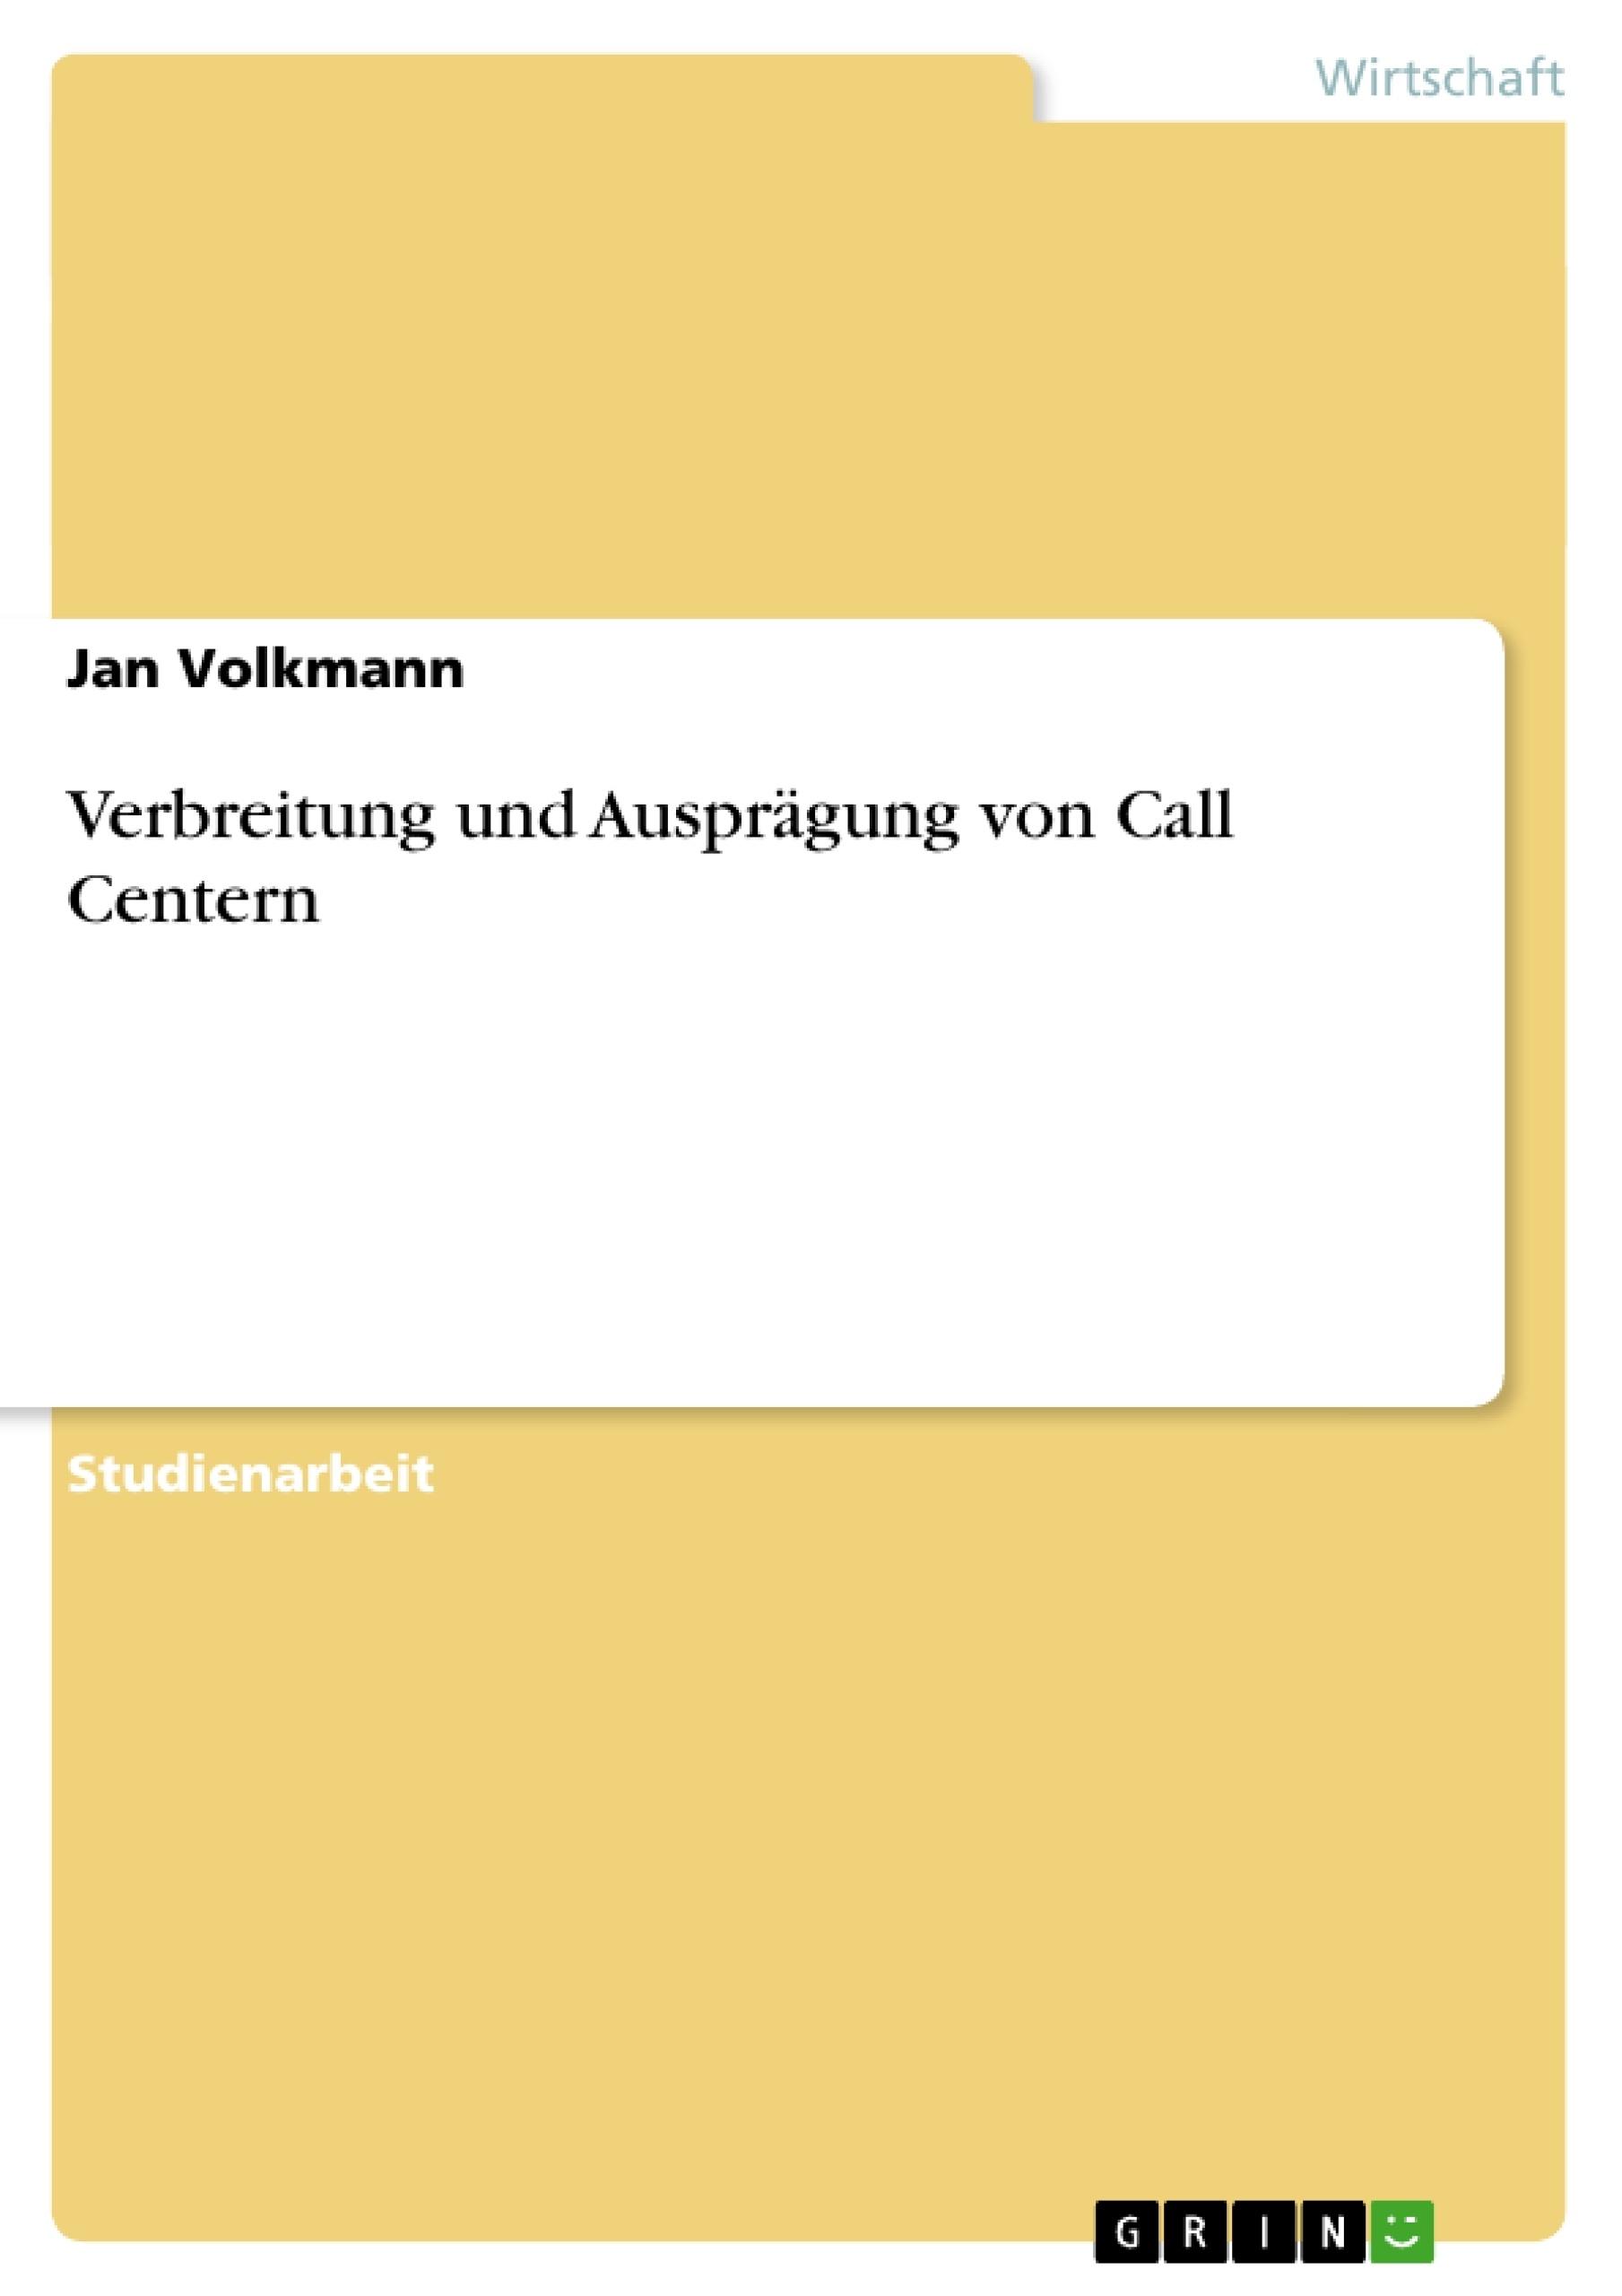 Titel: Verbreitung und Ausprägung von Call Centern